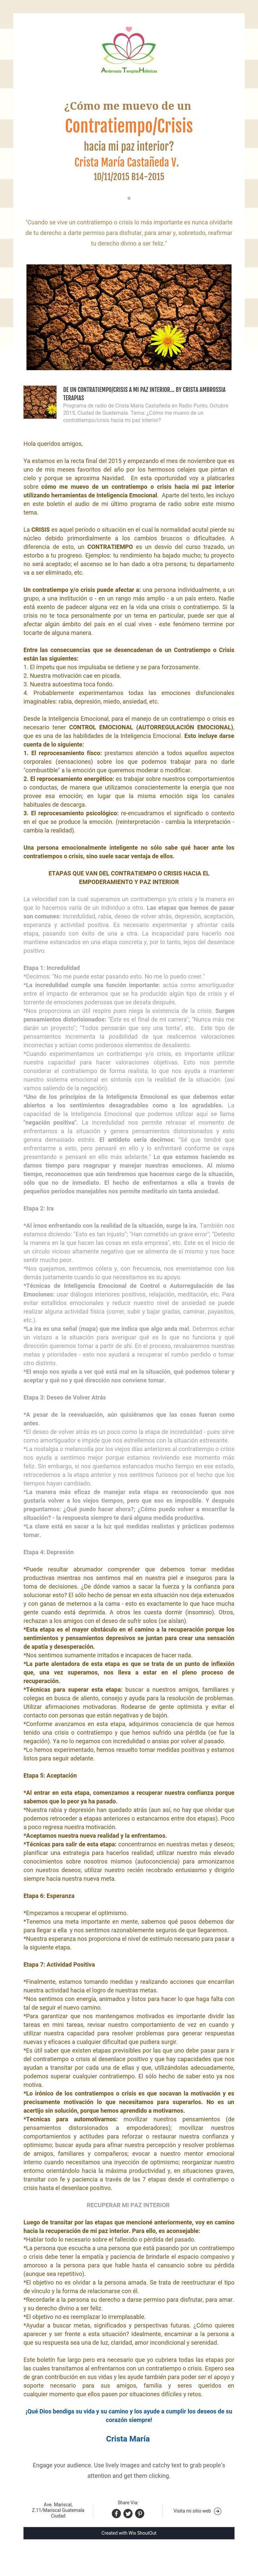 ¿Cómo me muevo de un  Contratiempo/Crisis  hacia mi paz interior?  Crista María Castañeda V.   10/11/2015 B14-2015